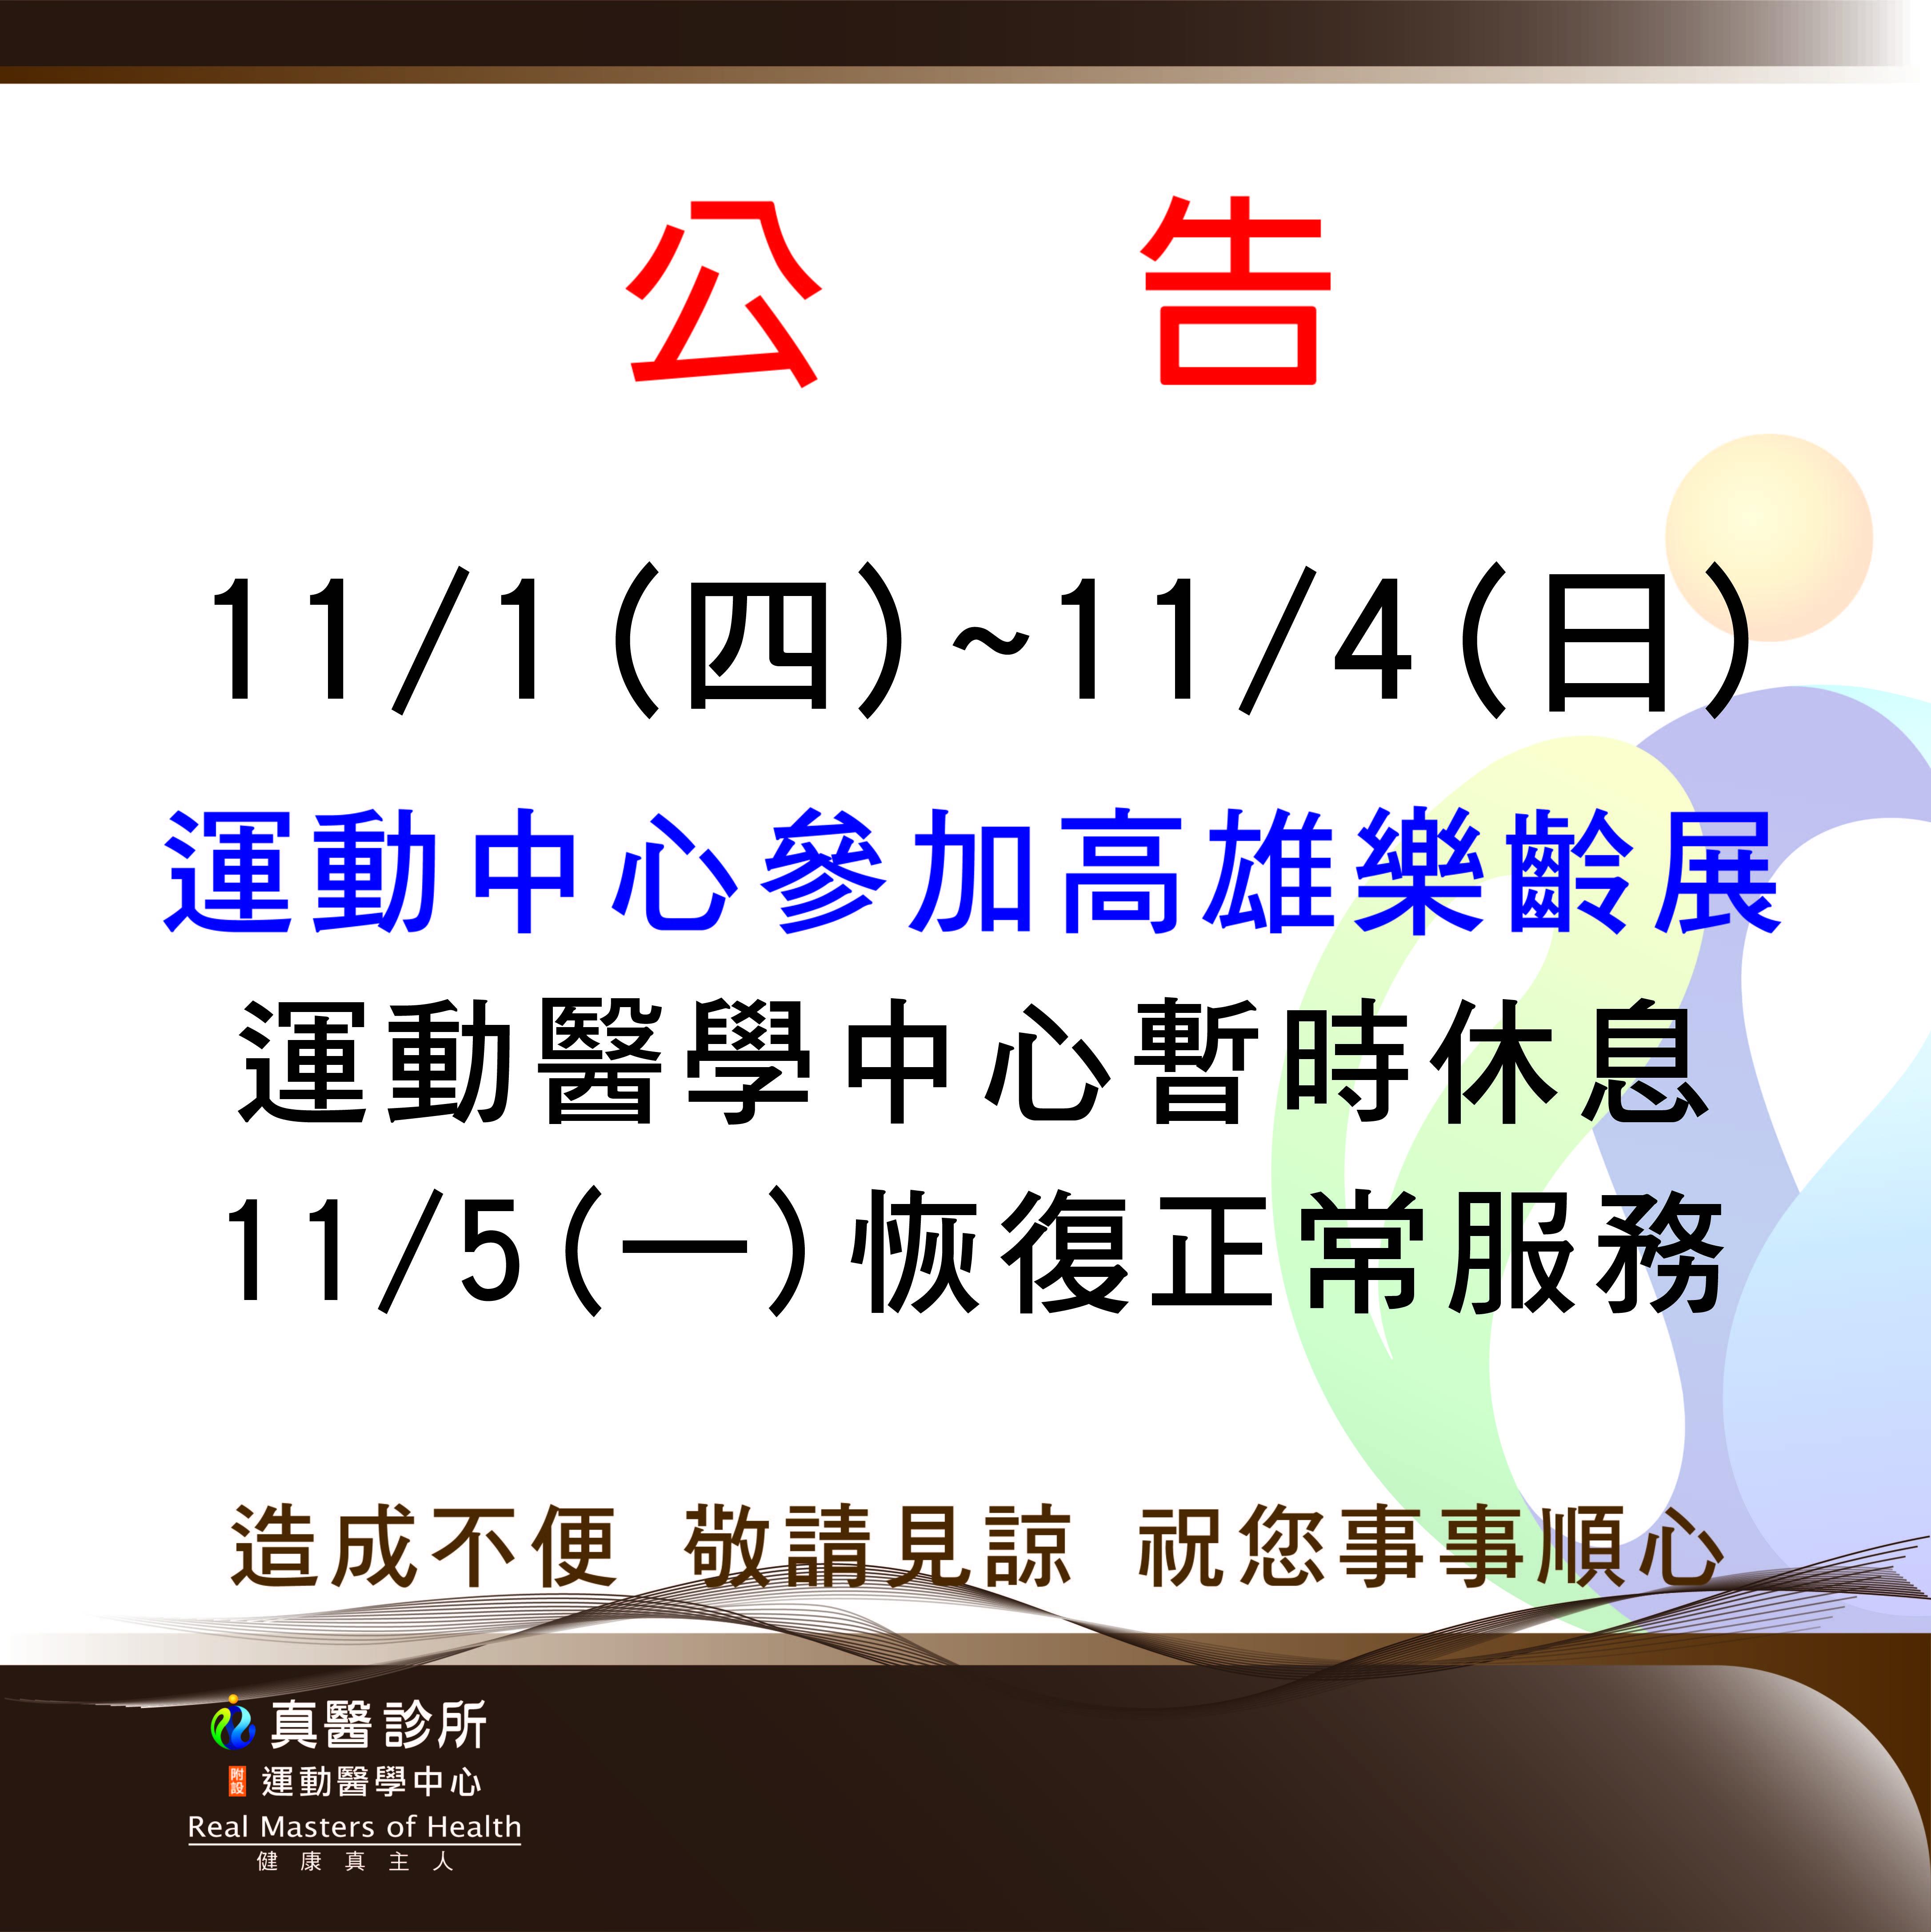 11/1(四)~11/4(日)  運動中心參加高雄樂齡展  運動醫學中心暫時休息  11/5(一)恢復正常服務